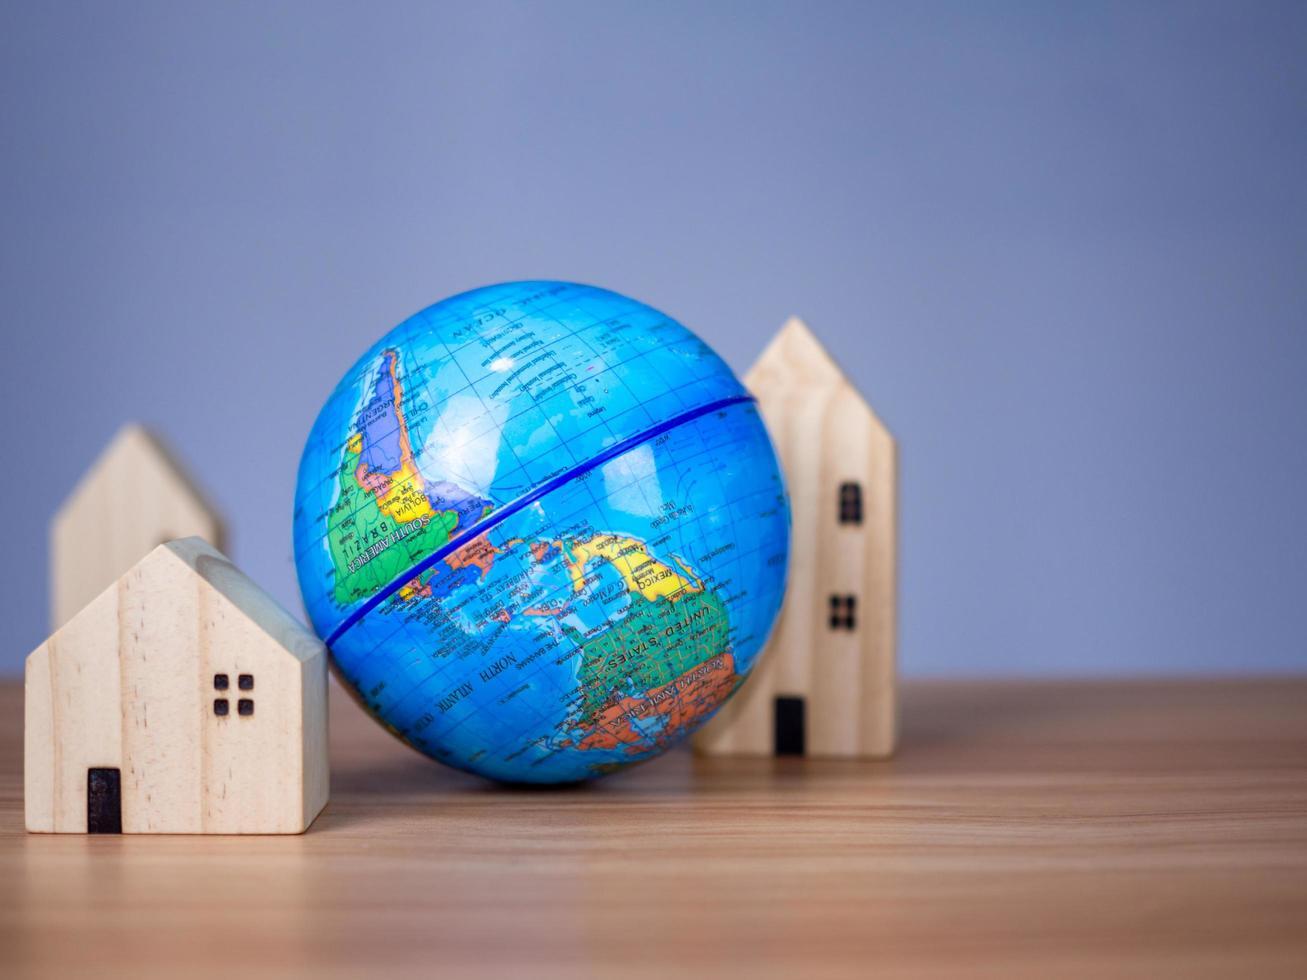 ett trä modellhus placeras bredvid en kopia jordglob. foto